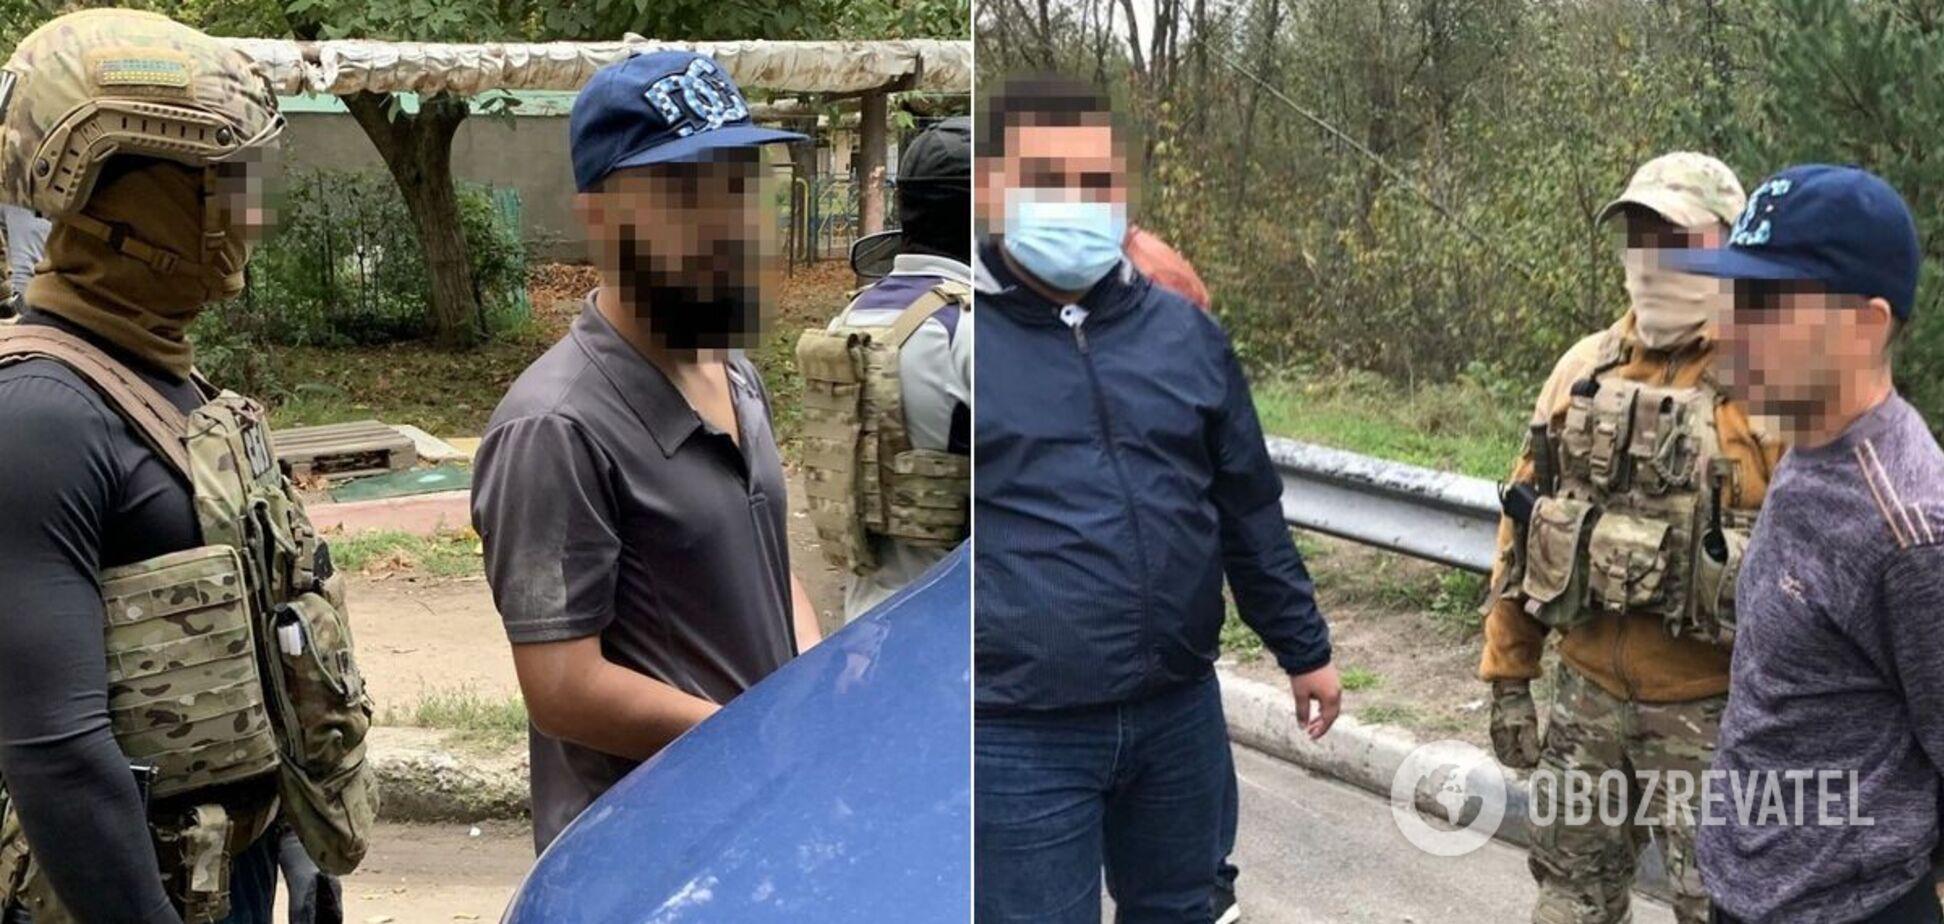 Бойовик перебував у міжнародному розшуку Інтерполу.